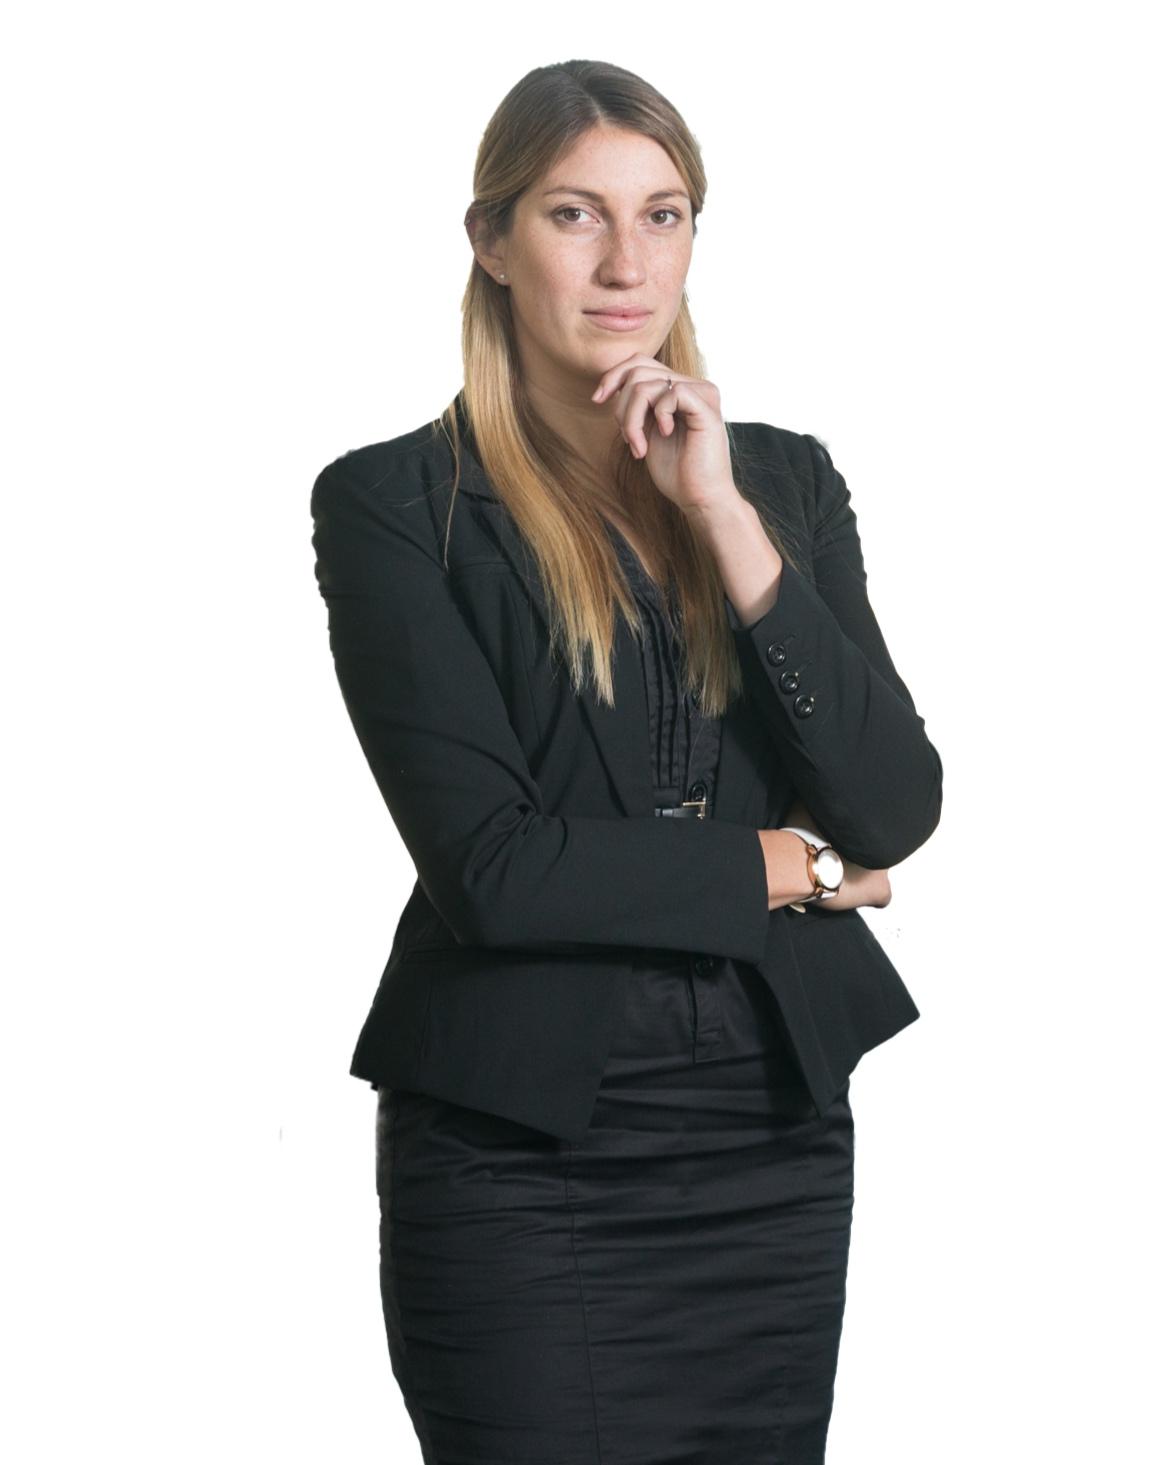 Sarah Rudolph Rehbein Akademie Ausbildung Betriebliches Gesundheitsmanagement